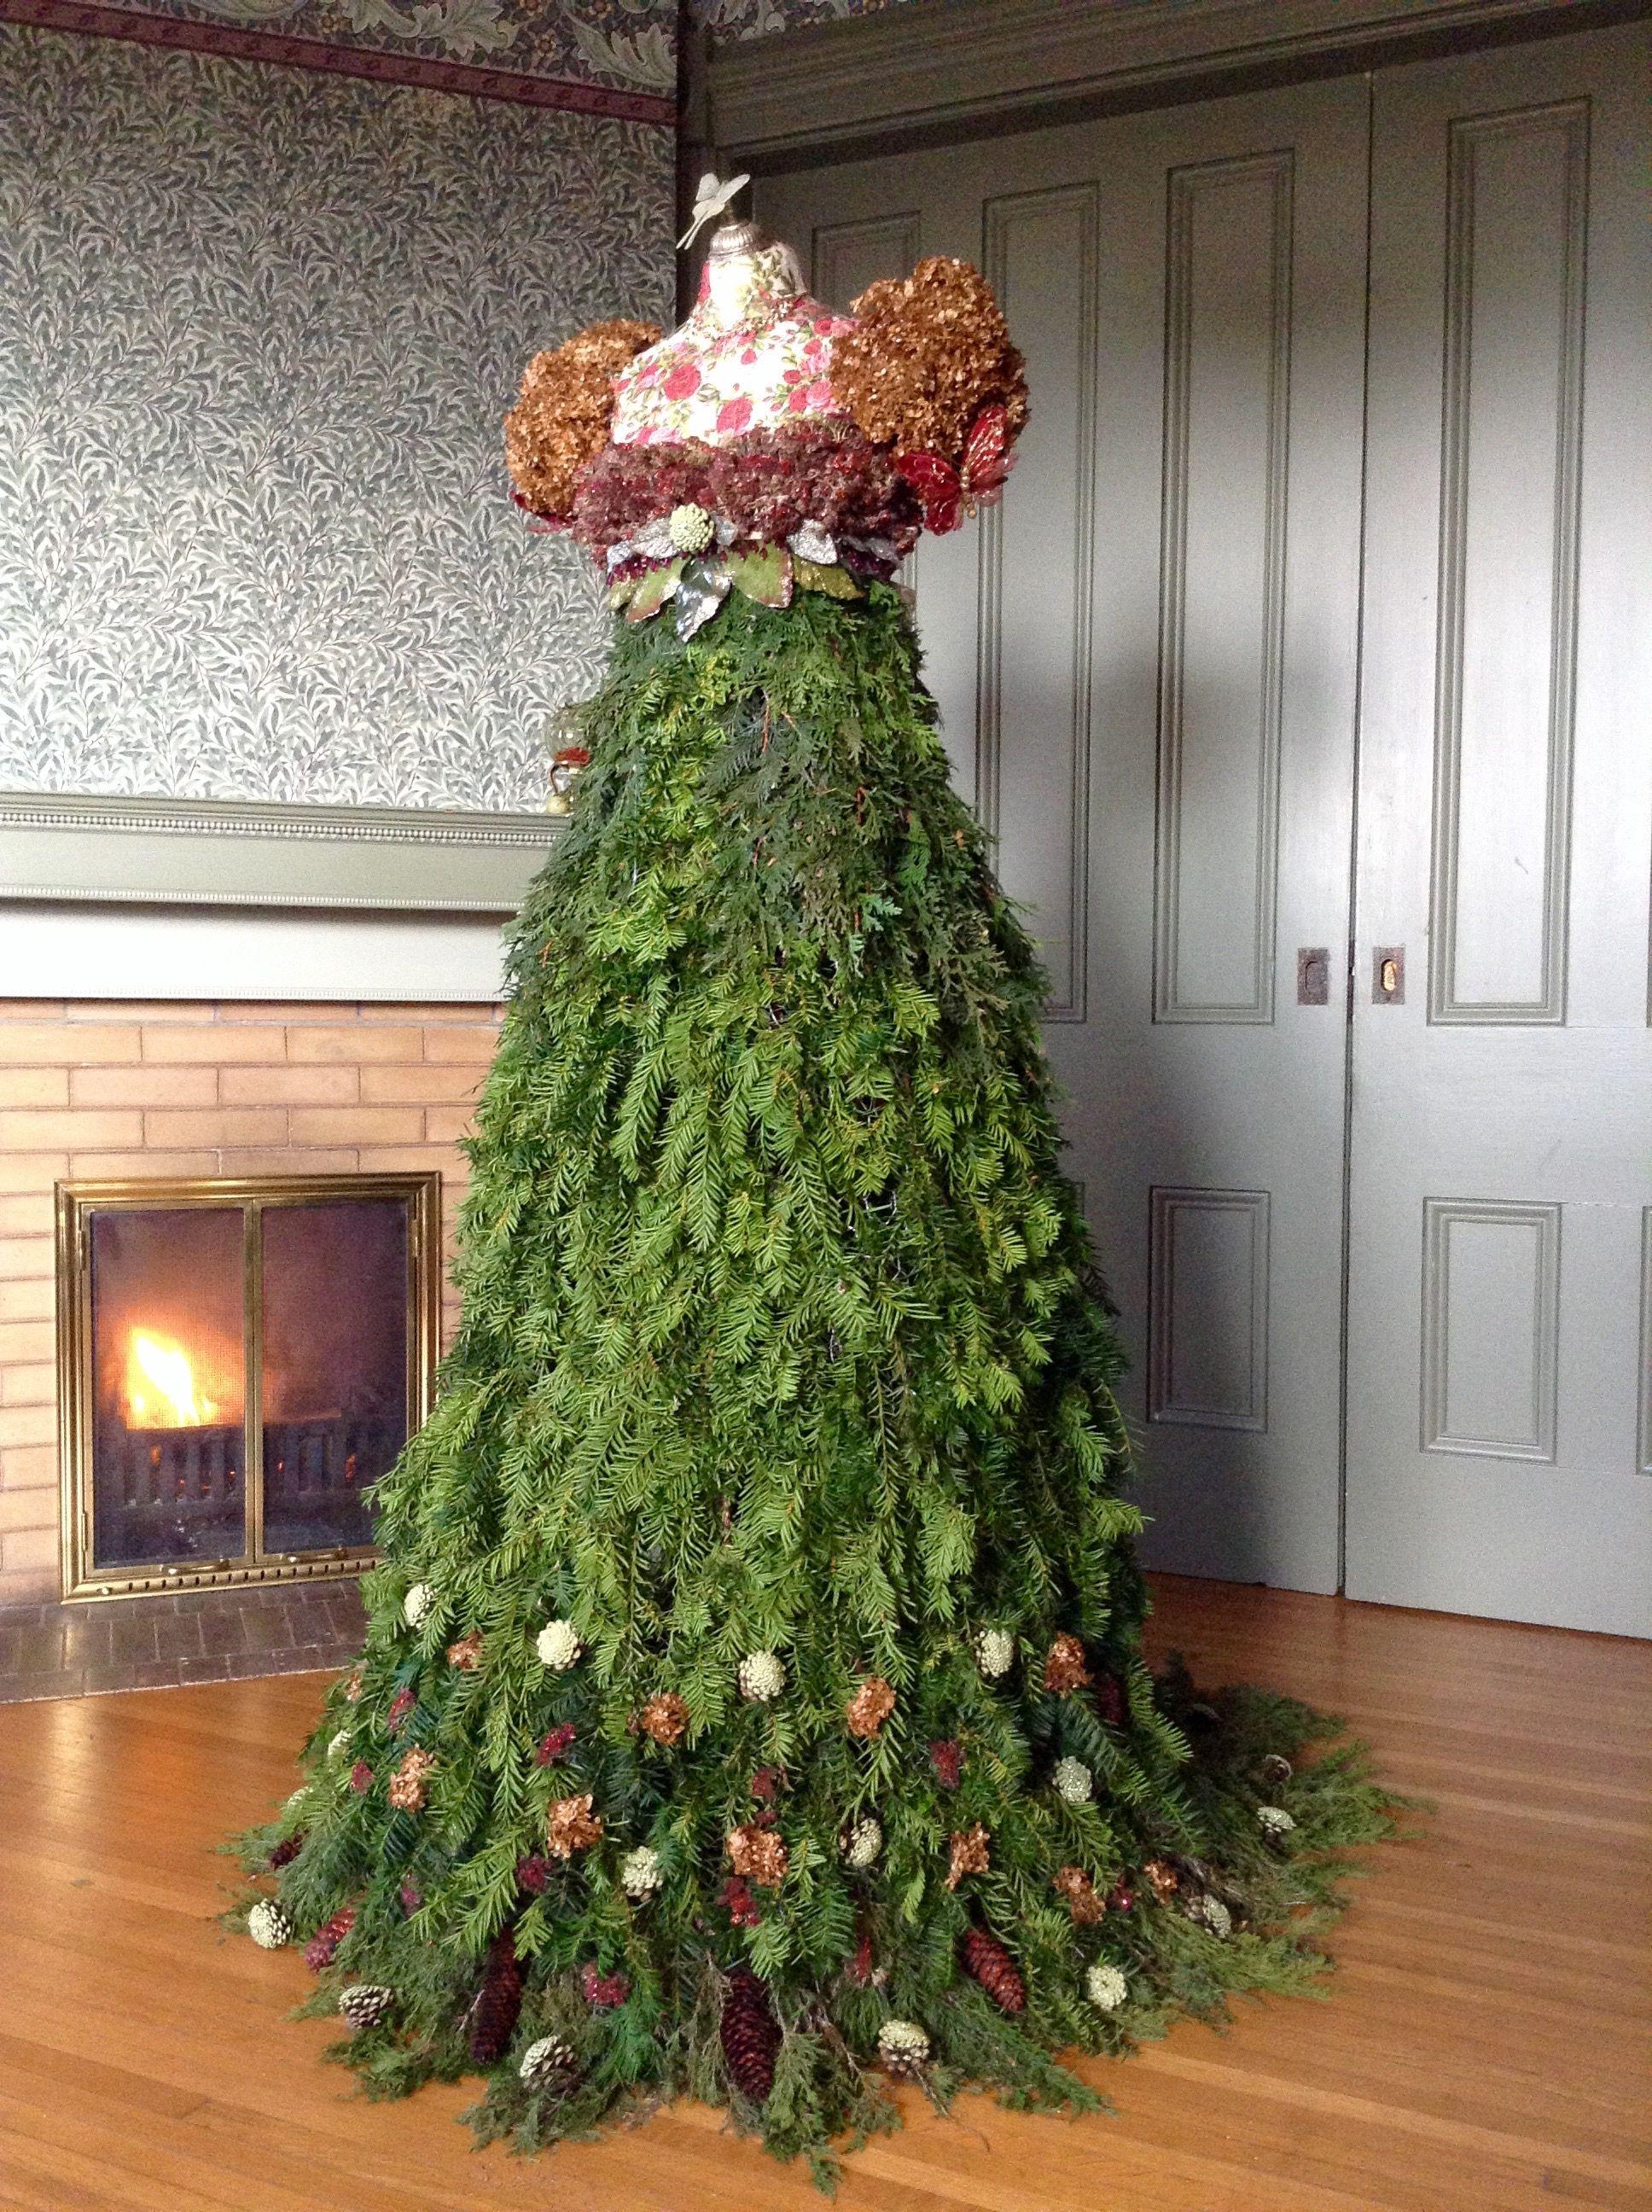 My Christmas tree gown 2016. Jane Austen's regency style - 1800s